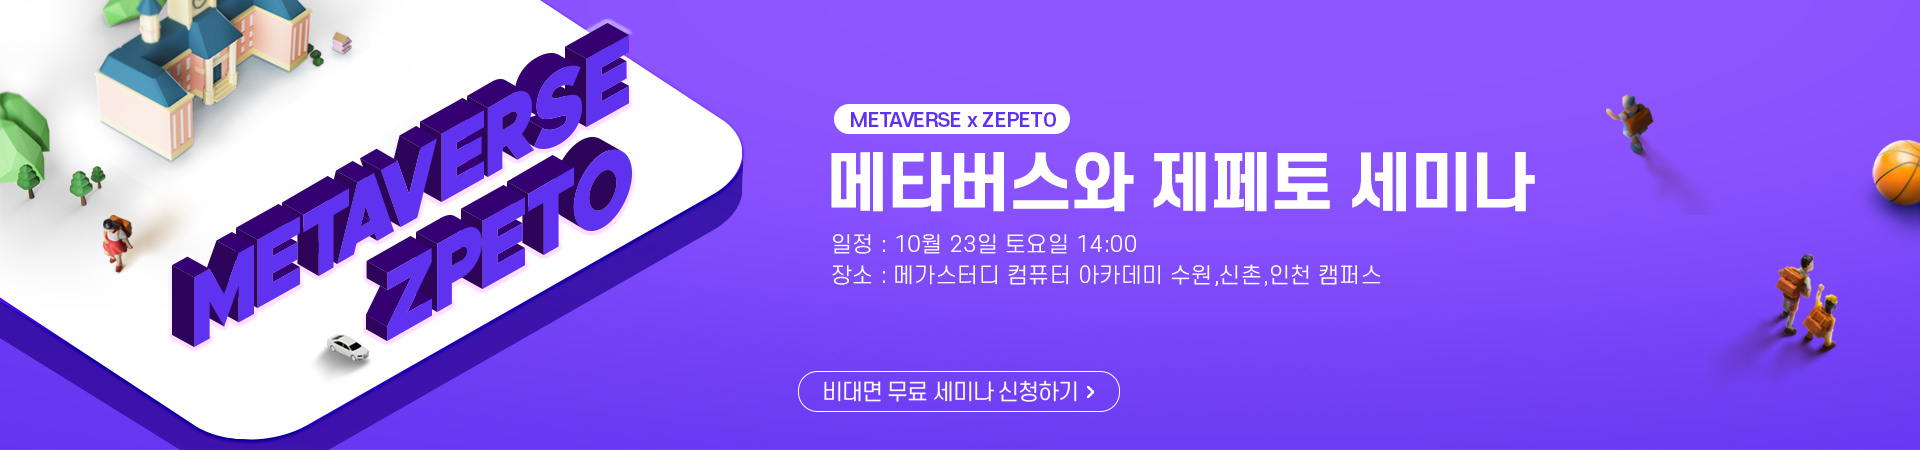 메타버스와 제페토(METAVERSE x ZEPETO) 세미나